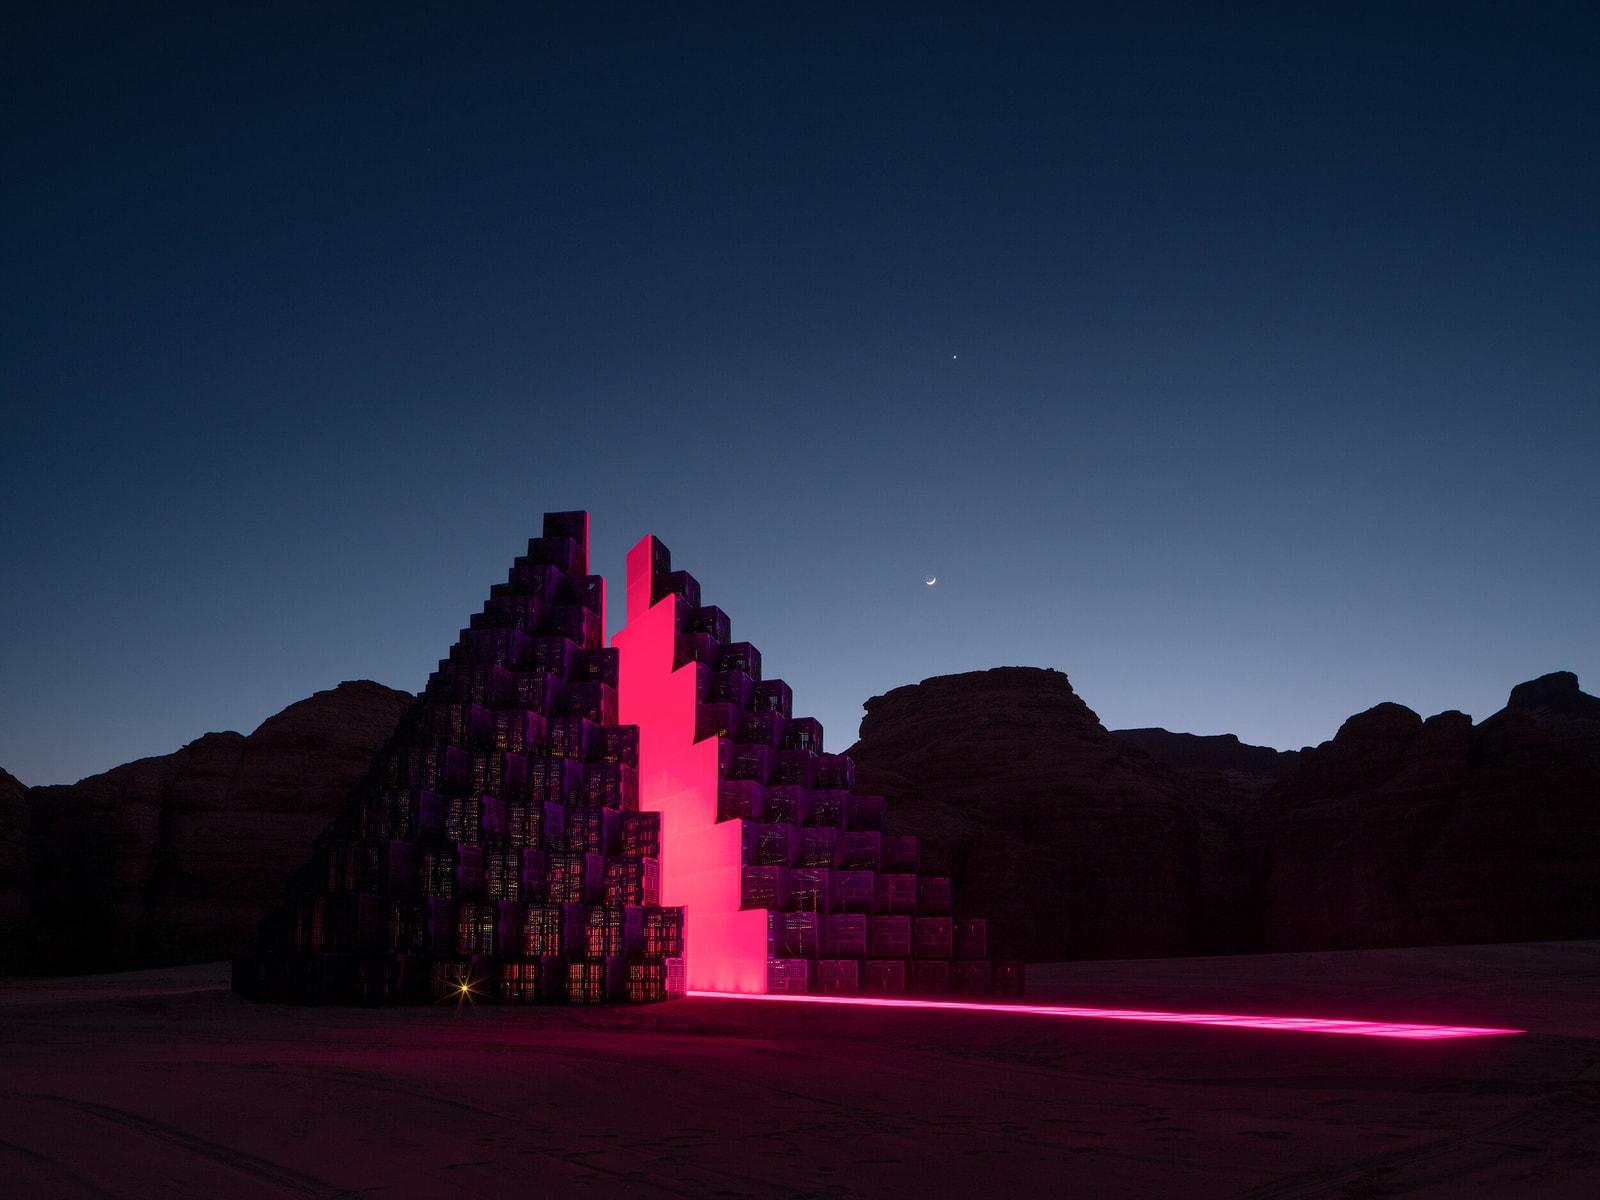 从中国甘肃到中东沙漠,盘点 9 地荒野艺术作品,并与 7 位艺术家和策展人对话